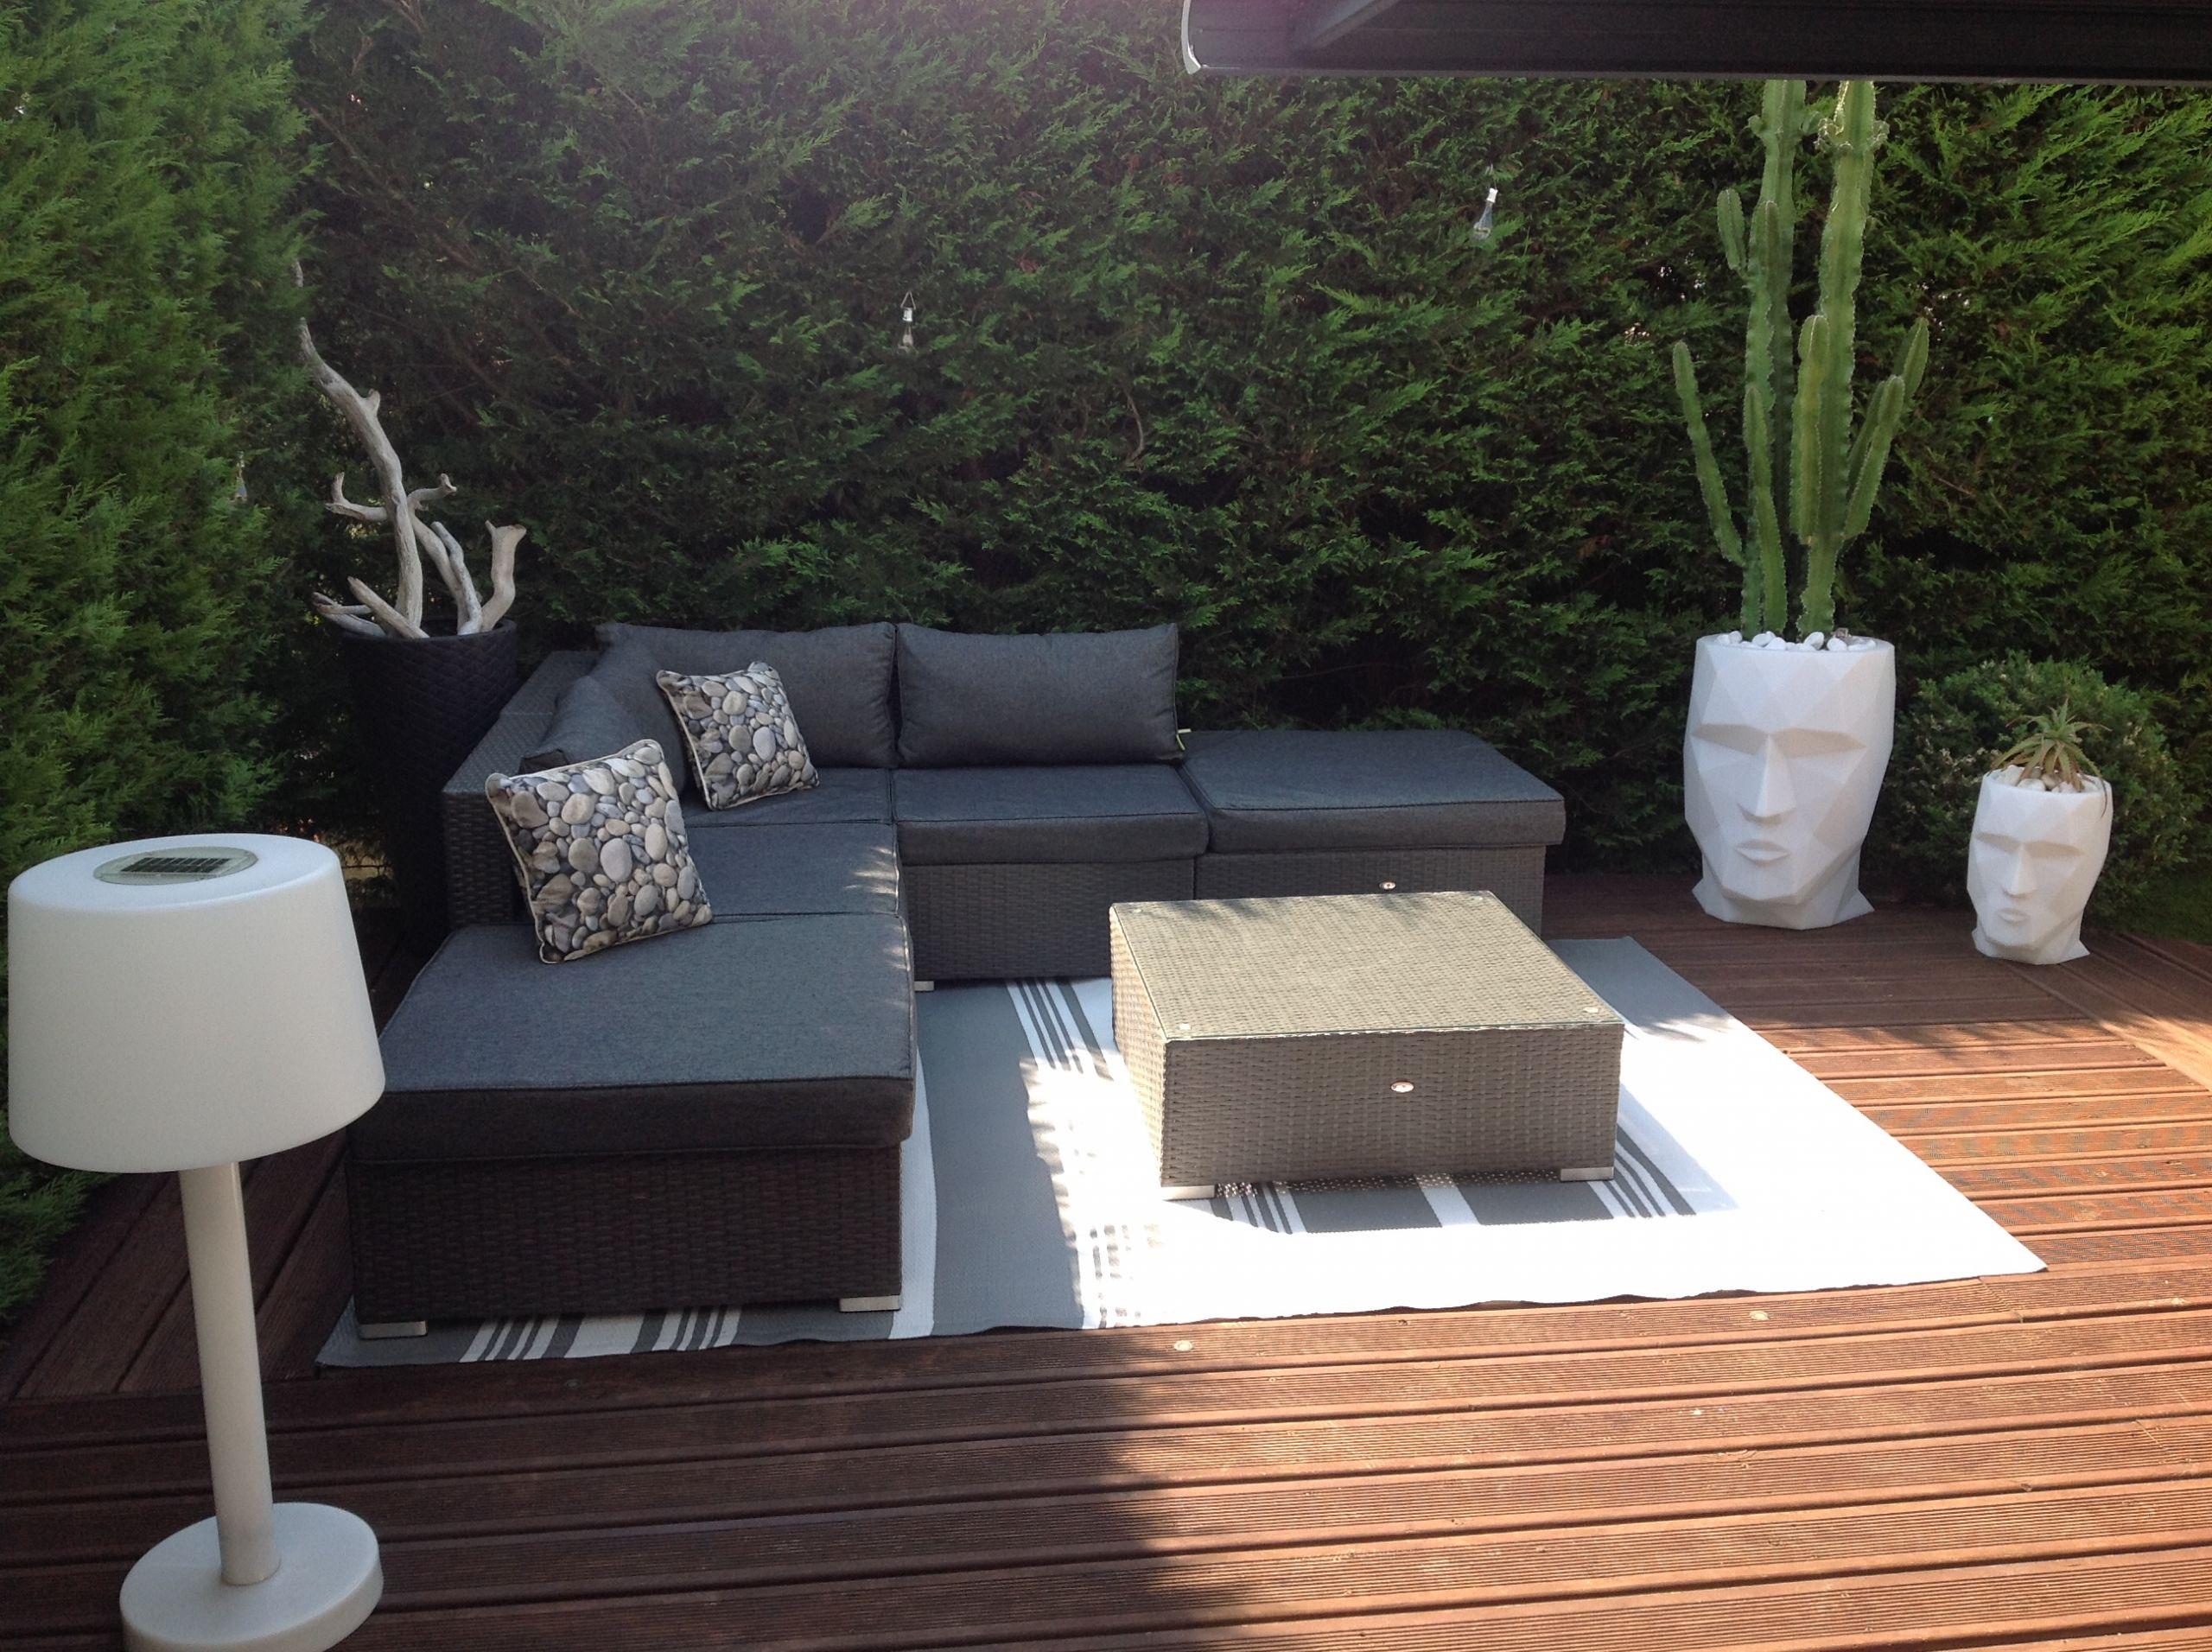 Décoration De Terrasse Extérieure 22 beau salon de jardin exterieur | salon jardin